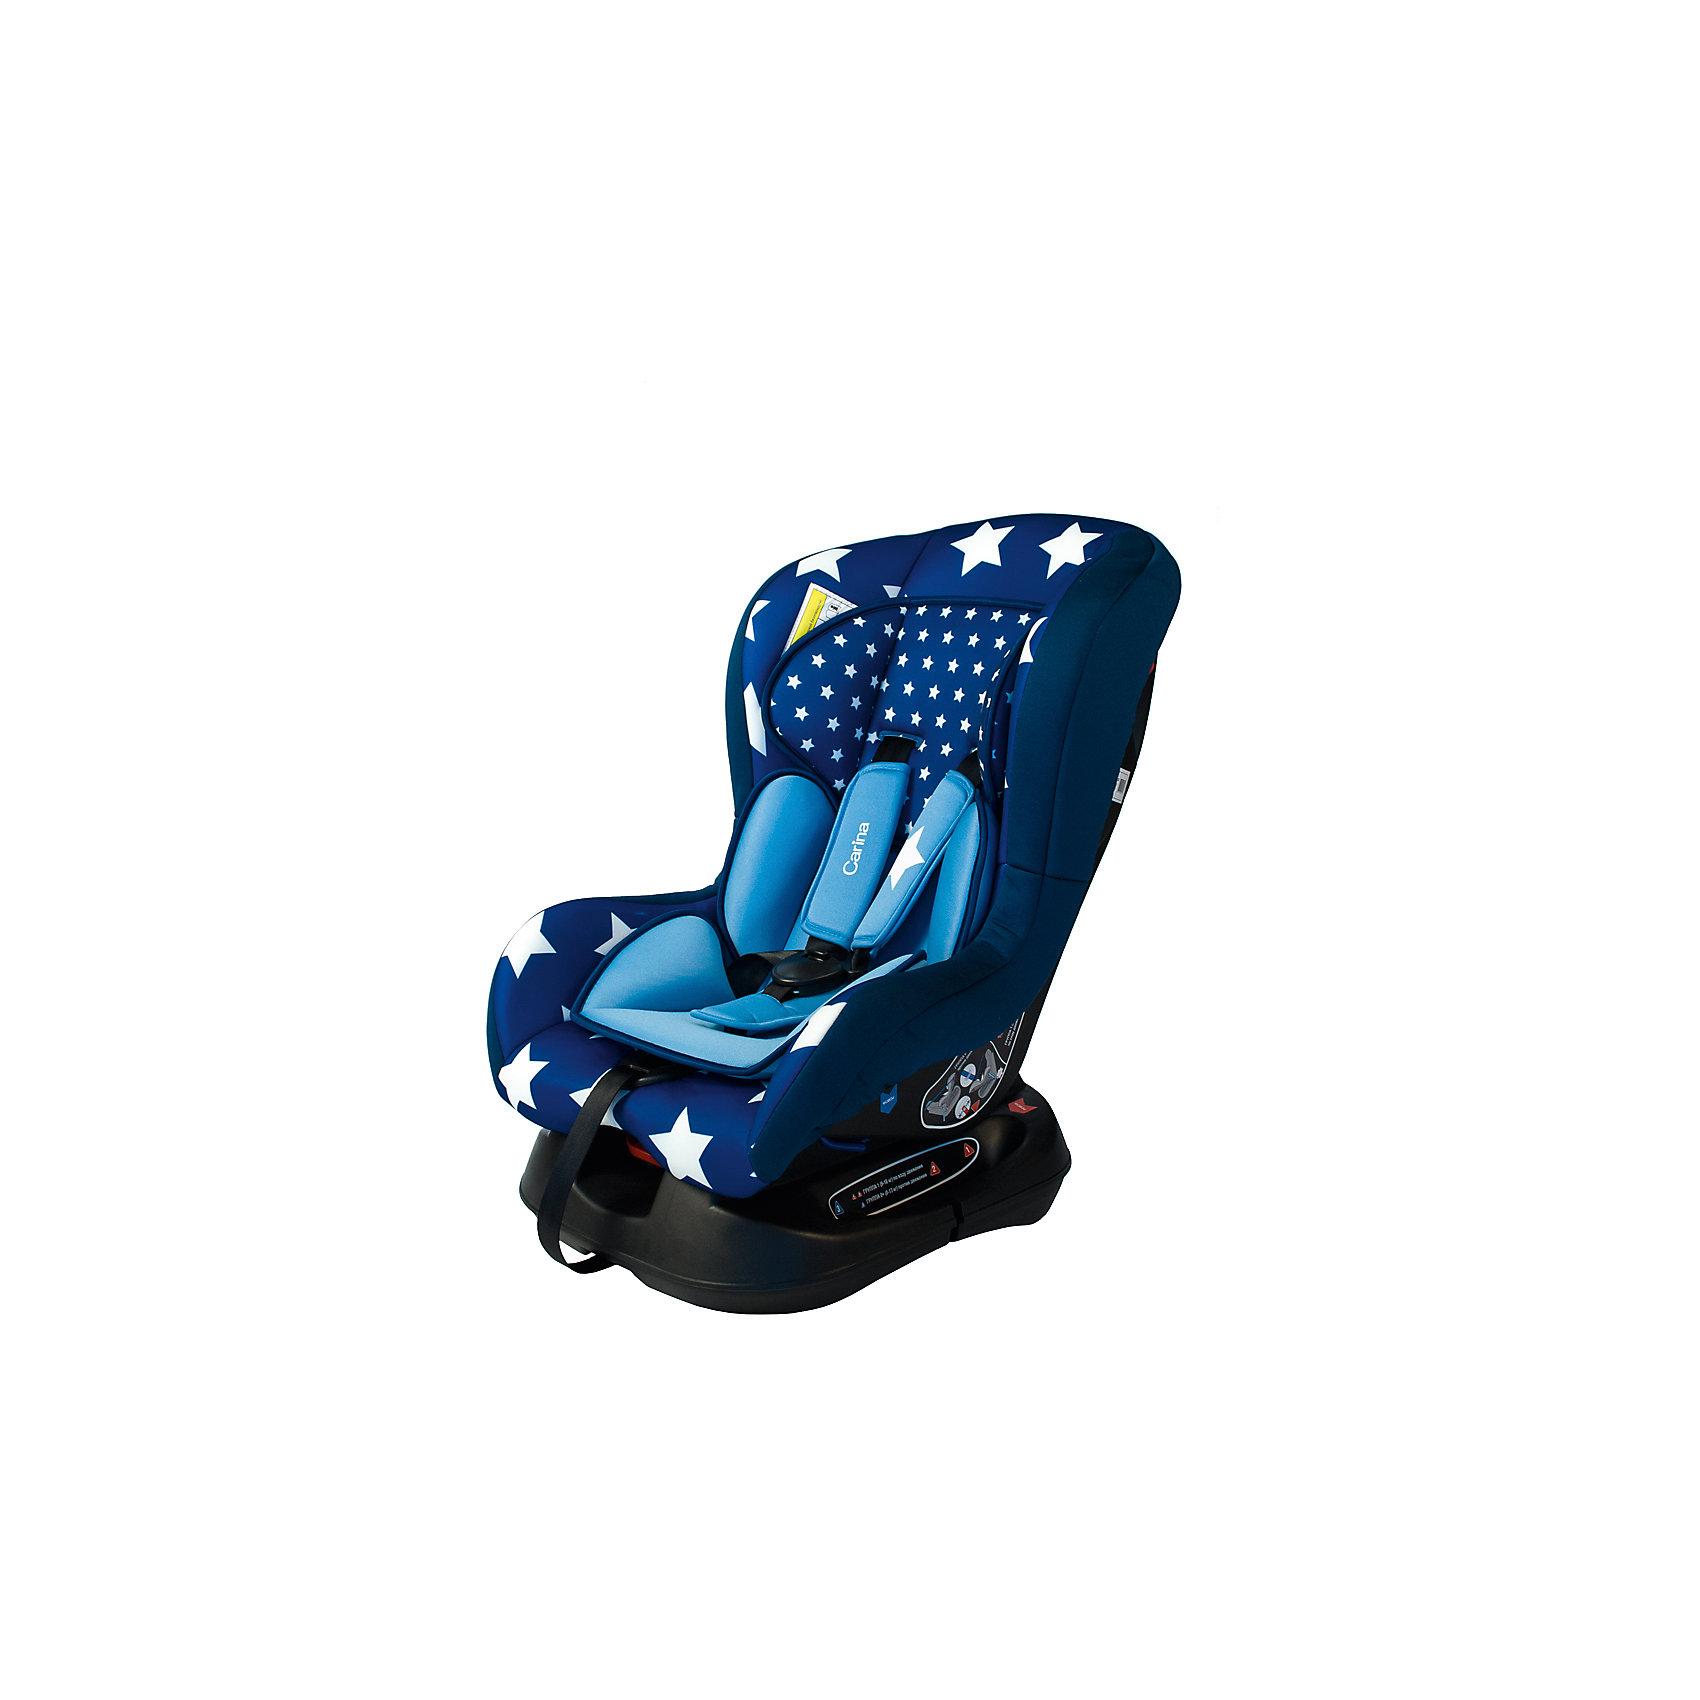 Автокресло CARINA 0-18 кг., Babyhit, синий в белую звёздочкуГруппа 0+/1, для детей весом до 18кг.,Автокресло CARINA - яркое и красивое, и при этом отлично справляется со своей главной задачей - защитой малыша в машине. Крепкая основа и защита головы позволяет с комфортом разместить малыша в автокресле, позаботившись о правильном положении спинки. Чехол легко снимать и стирать, поэтому автокресло легко содержать в чистоте.несколько положений спинки (до полулежа), съемный чехол, мягкий матрасик, 5-ти точечные ремни безопасности с удерживающей системой, препятствующей их соскальзывание с плеч ребёнка,При весе ребенка от 9 до 18 кг. используется лицевой стороной по ходу движения автомобиля; при весе ребенка от 0 до 13 кг. используется спиной к движению автомобиля. соответствует Евростандарту безопасности ЕСЕ44/3<br><br>Ширина мм: 600<br>Глубина мм: 450<br>Высота мм: 820<br>Вес г: 7500<br>Возраст от месяцев: 0<br>Возраст до месяцев: 48<br>Пол: Унисекс<br>Возраст: Детский<br>SKU: 5500252